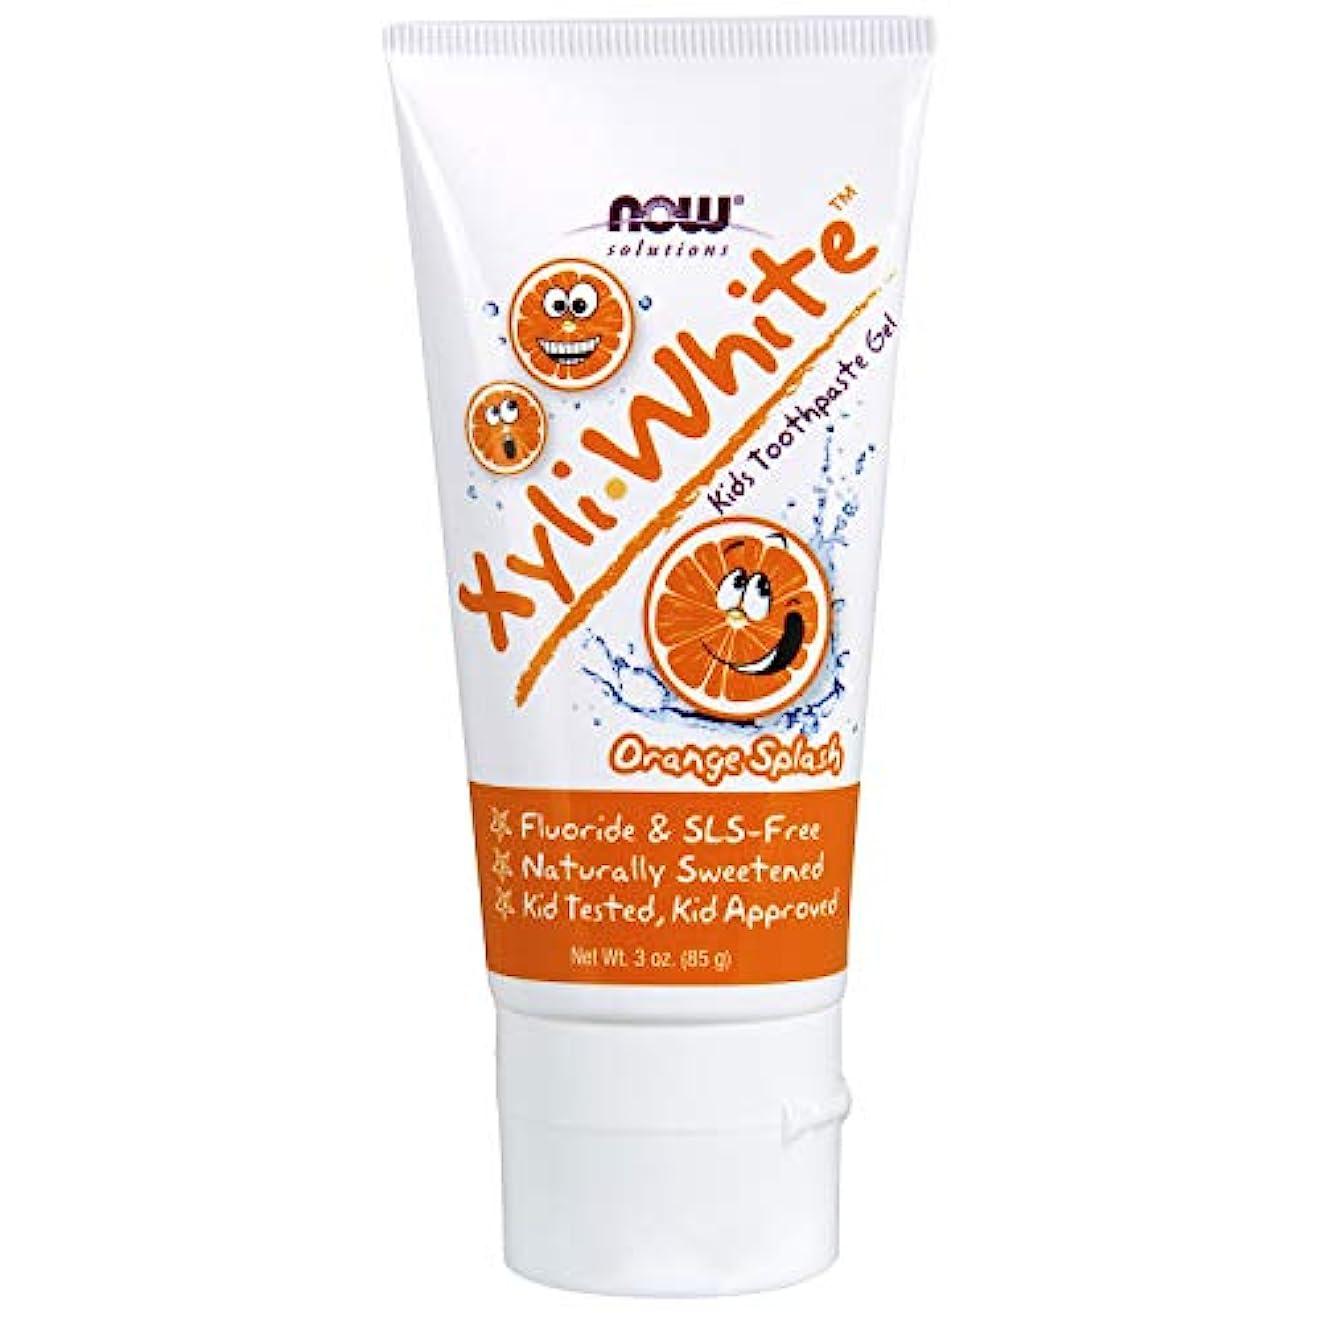 委員長大邸宅歯子供用 キシリホワイト オレンジスプラッシュ 歯磨き粉ジェル 85g/3オンス 並行輸入品 XyliWhite™ Orange Splash Toothpaste Gel for Kids - 3 oz. 海外直送品